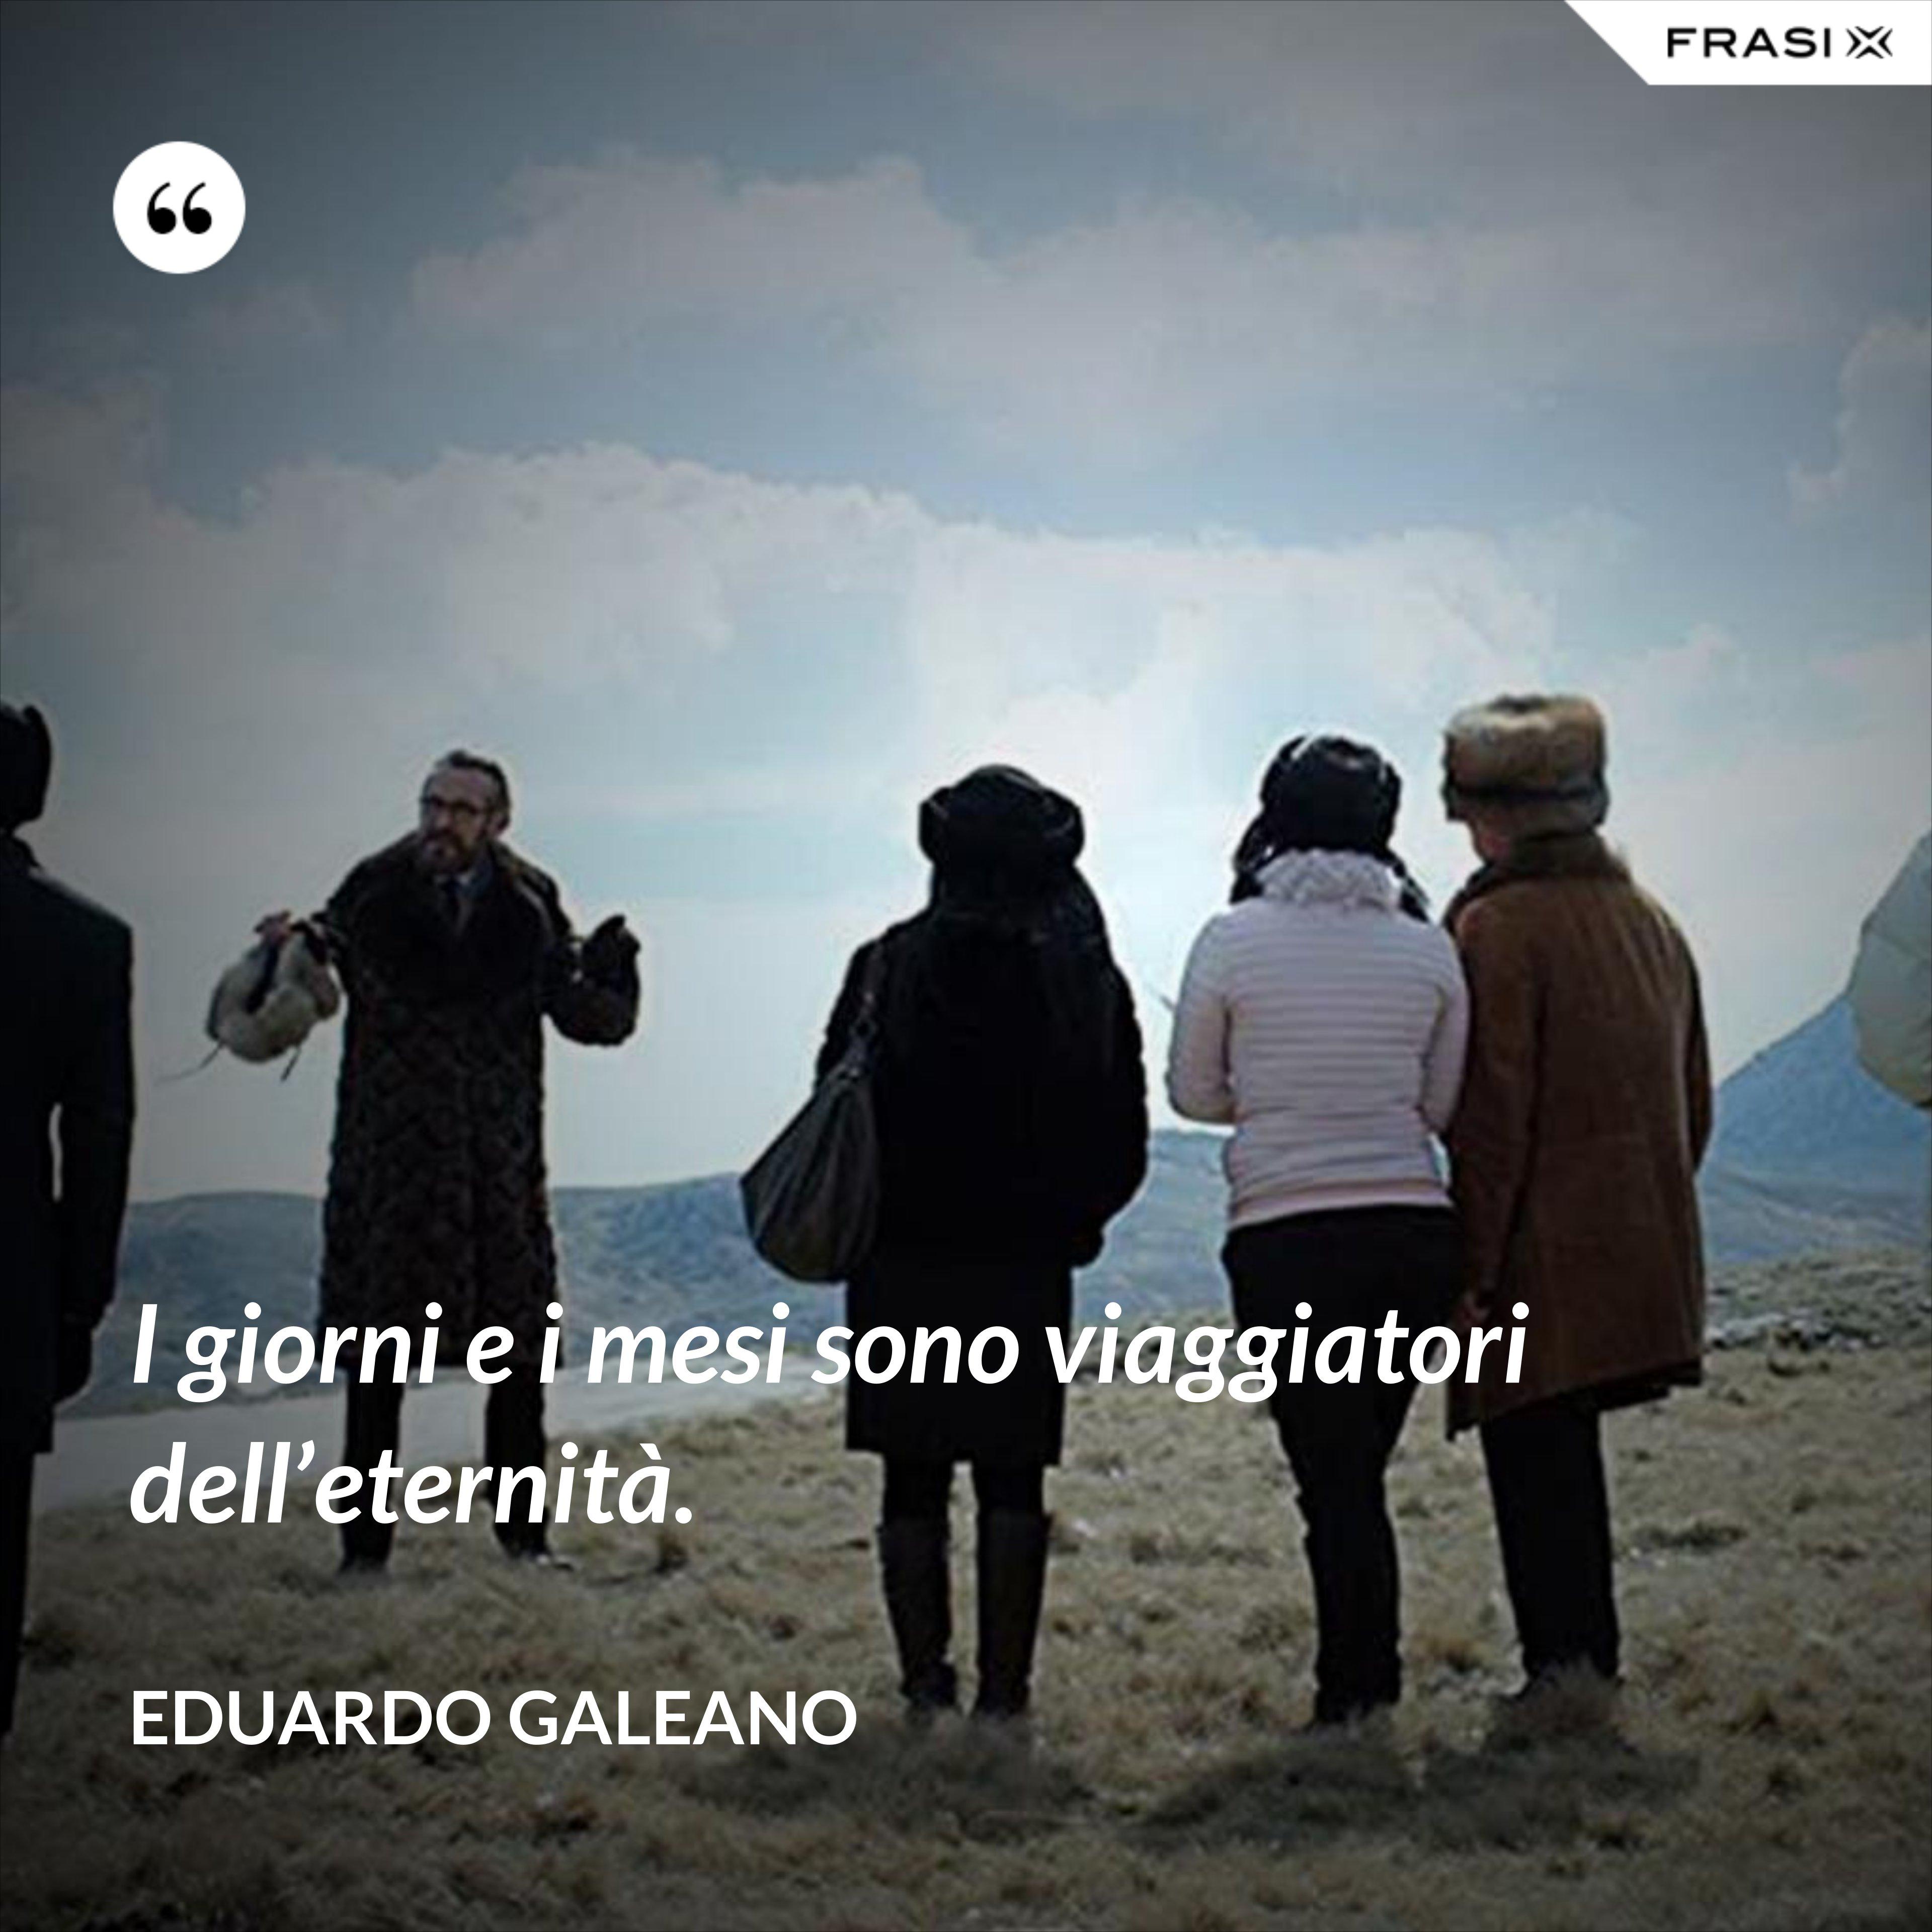 I giorni e i mesi sono viaggiatori dell'eternità. - Eduardo Galeano